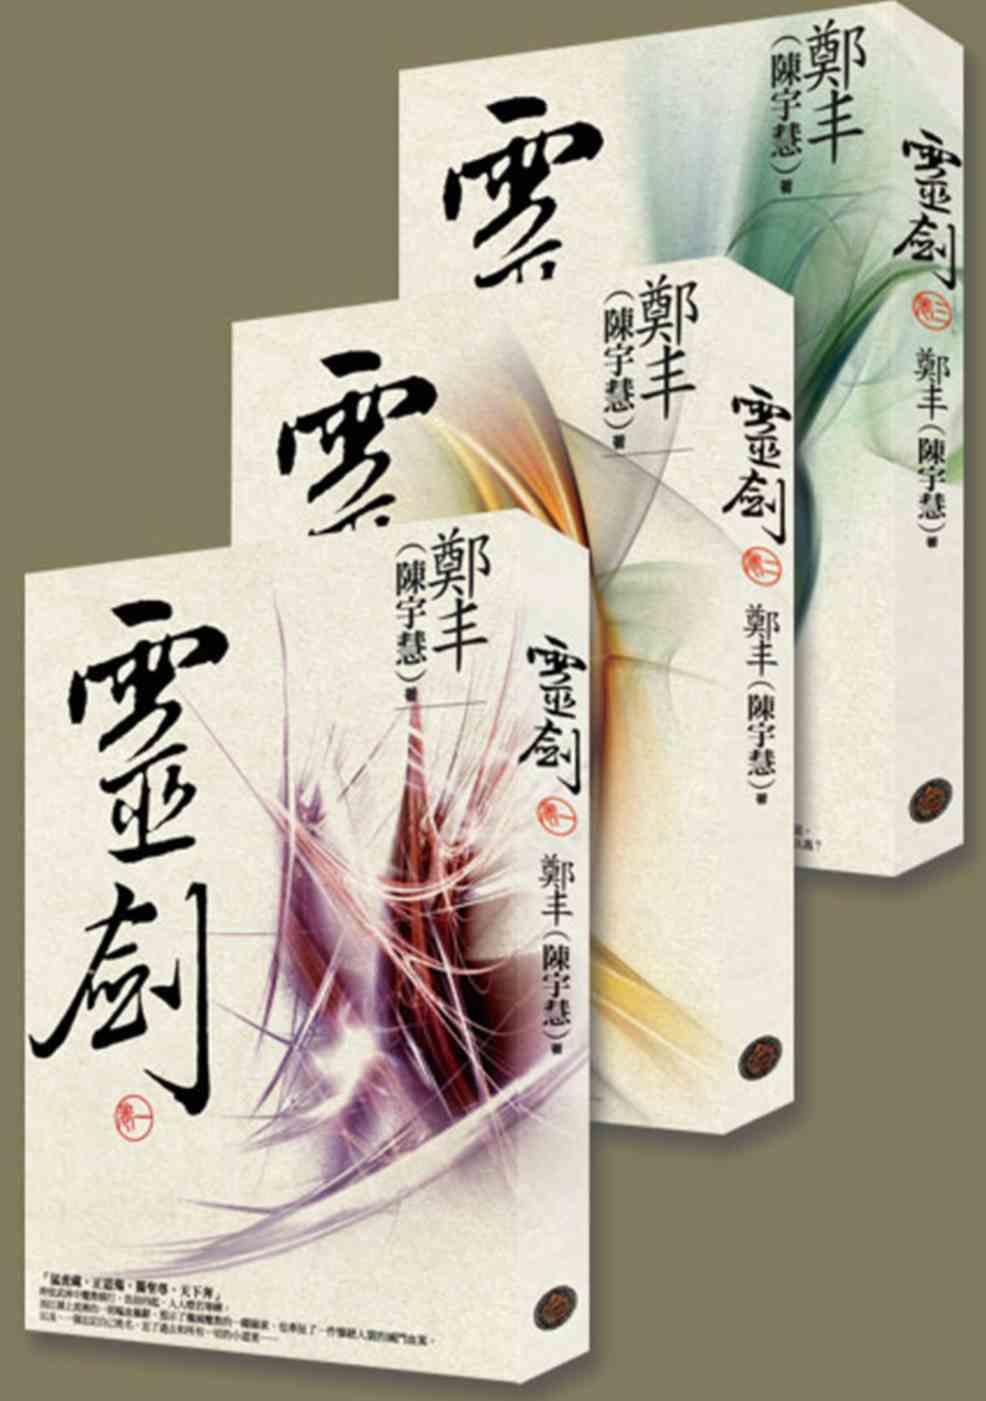 靈劍卷一至卷三套書